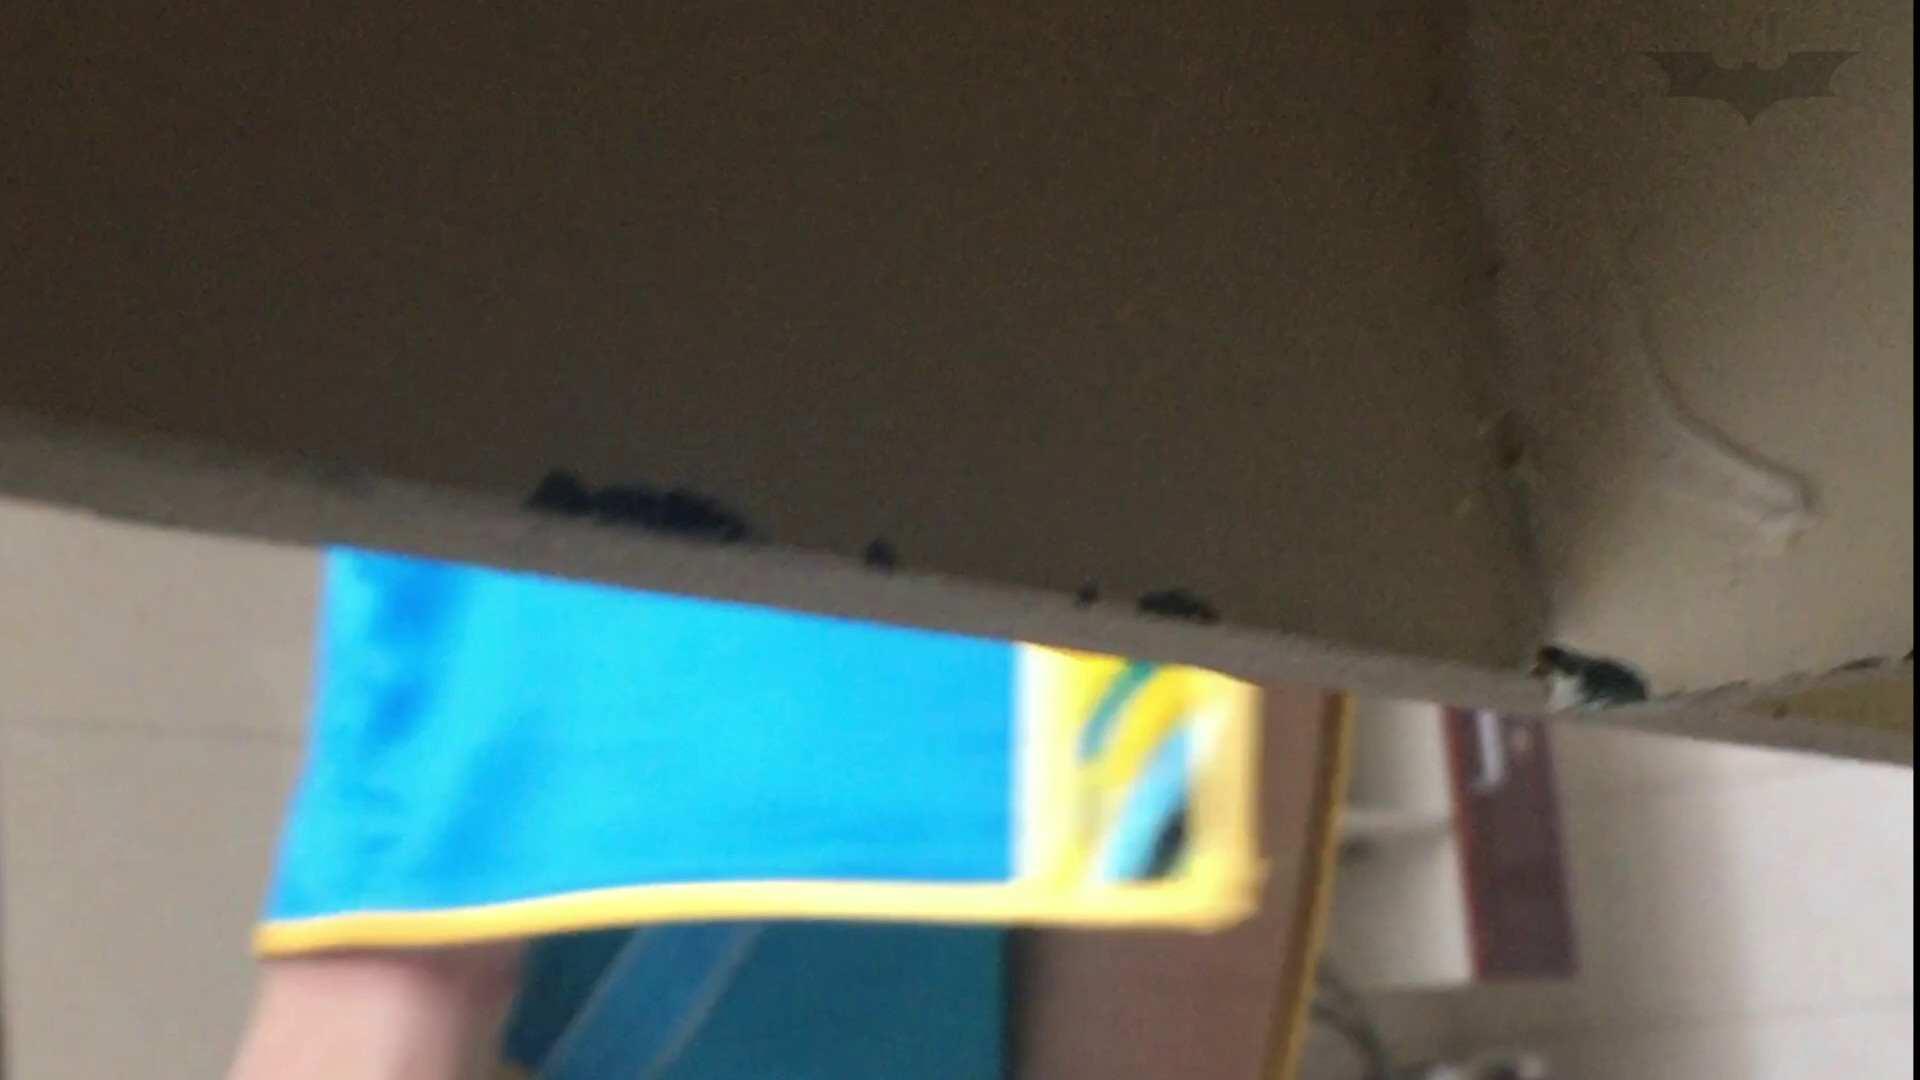 芸術大学ガチ潜入盗撮 JD盗撮 美女の洗面所の秘密 Vol.107 細身体型 おめこ無修正動画無料 111枚 71